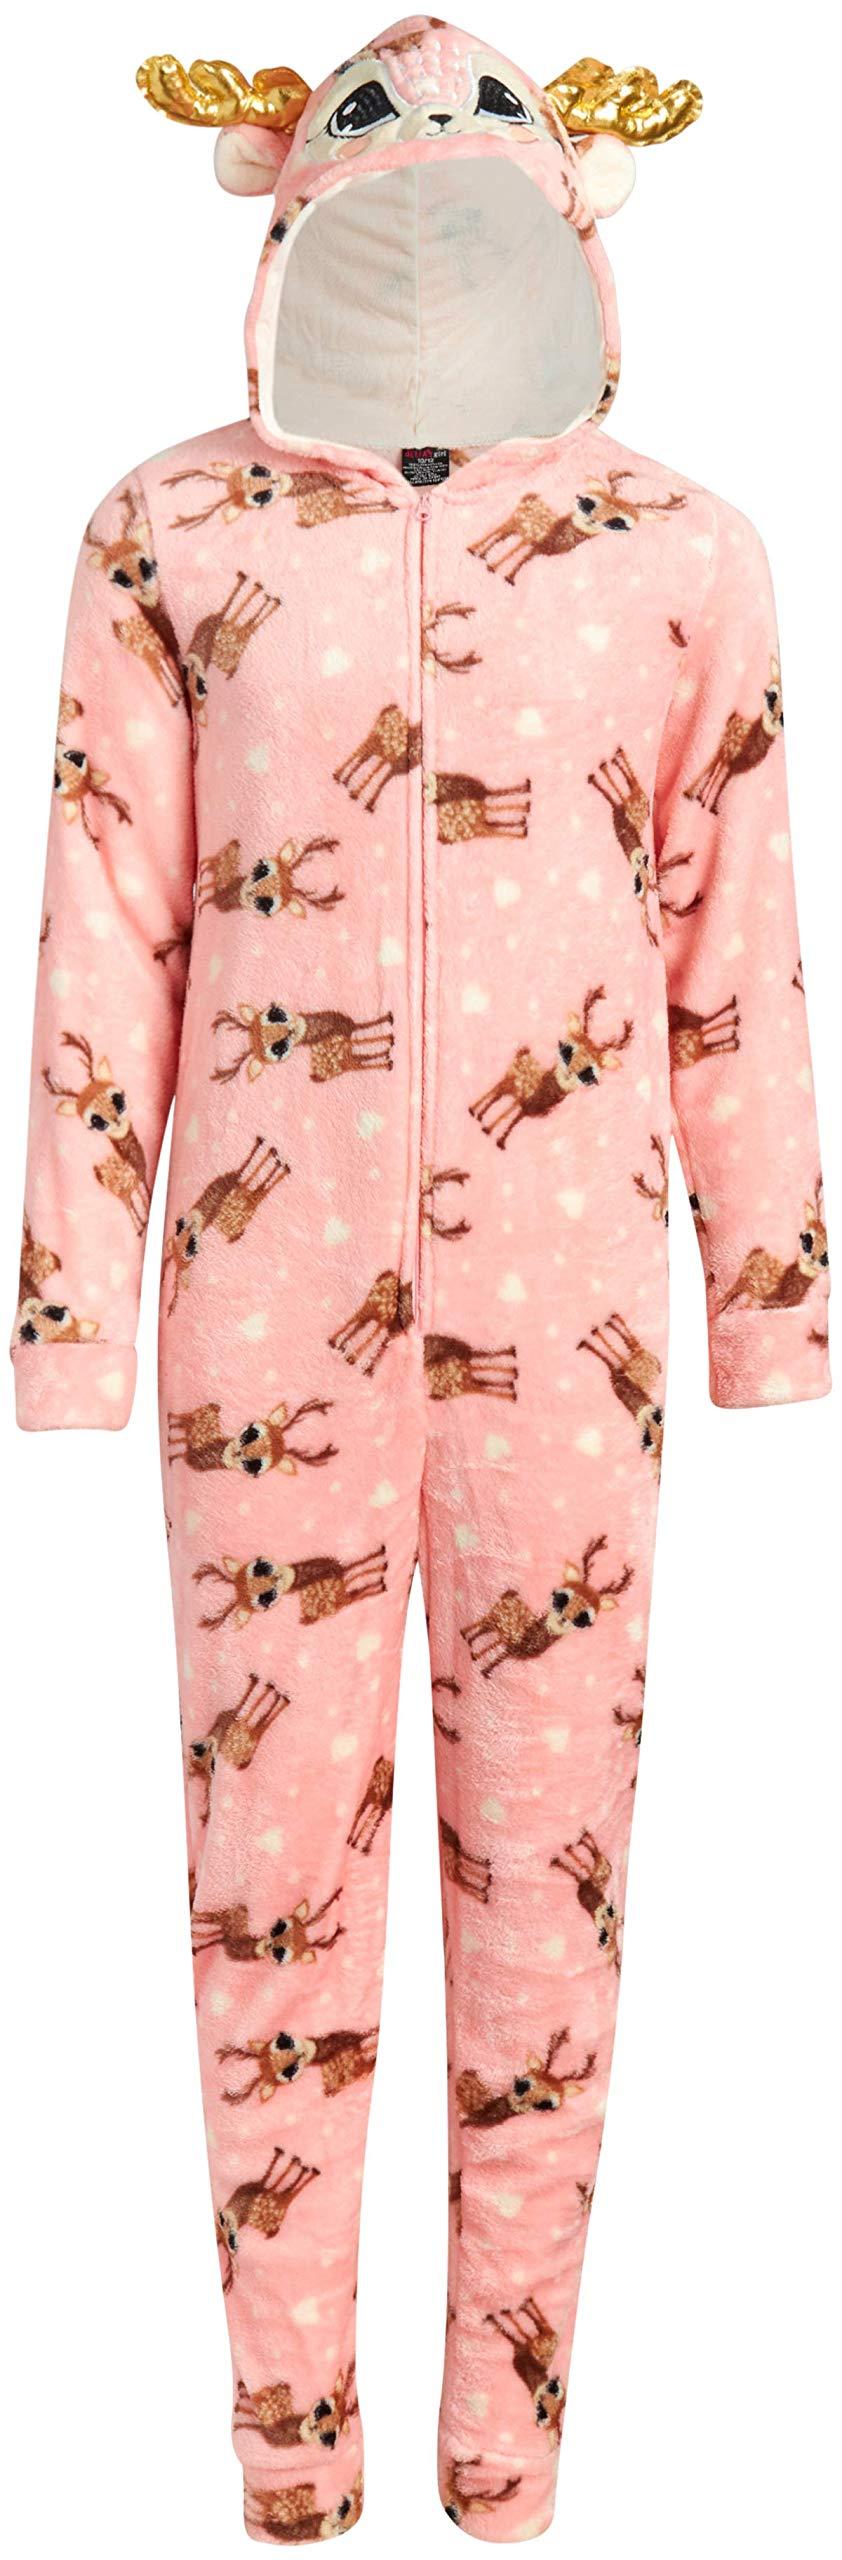 Image of Pink Hooded Antler Reindeer Onesie Pajamas for Girls